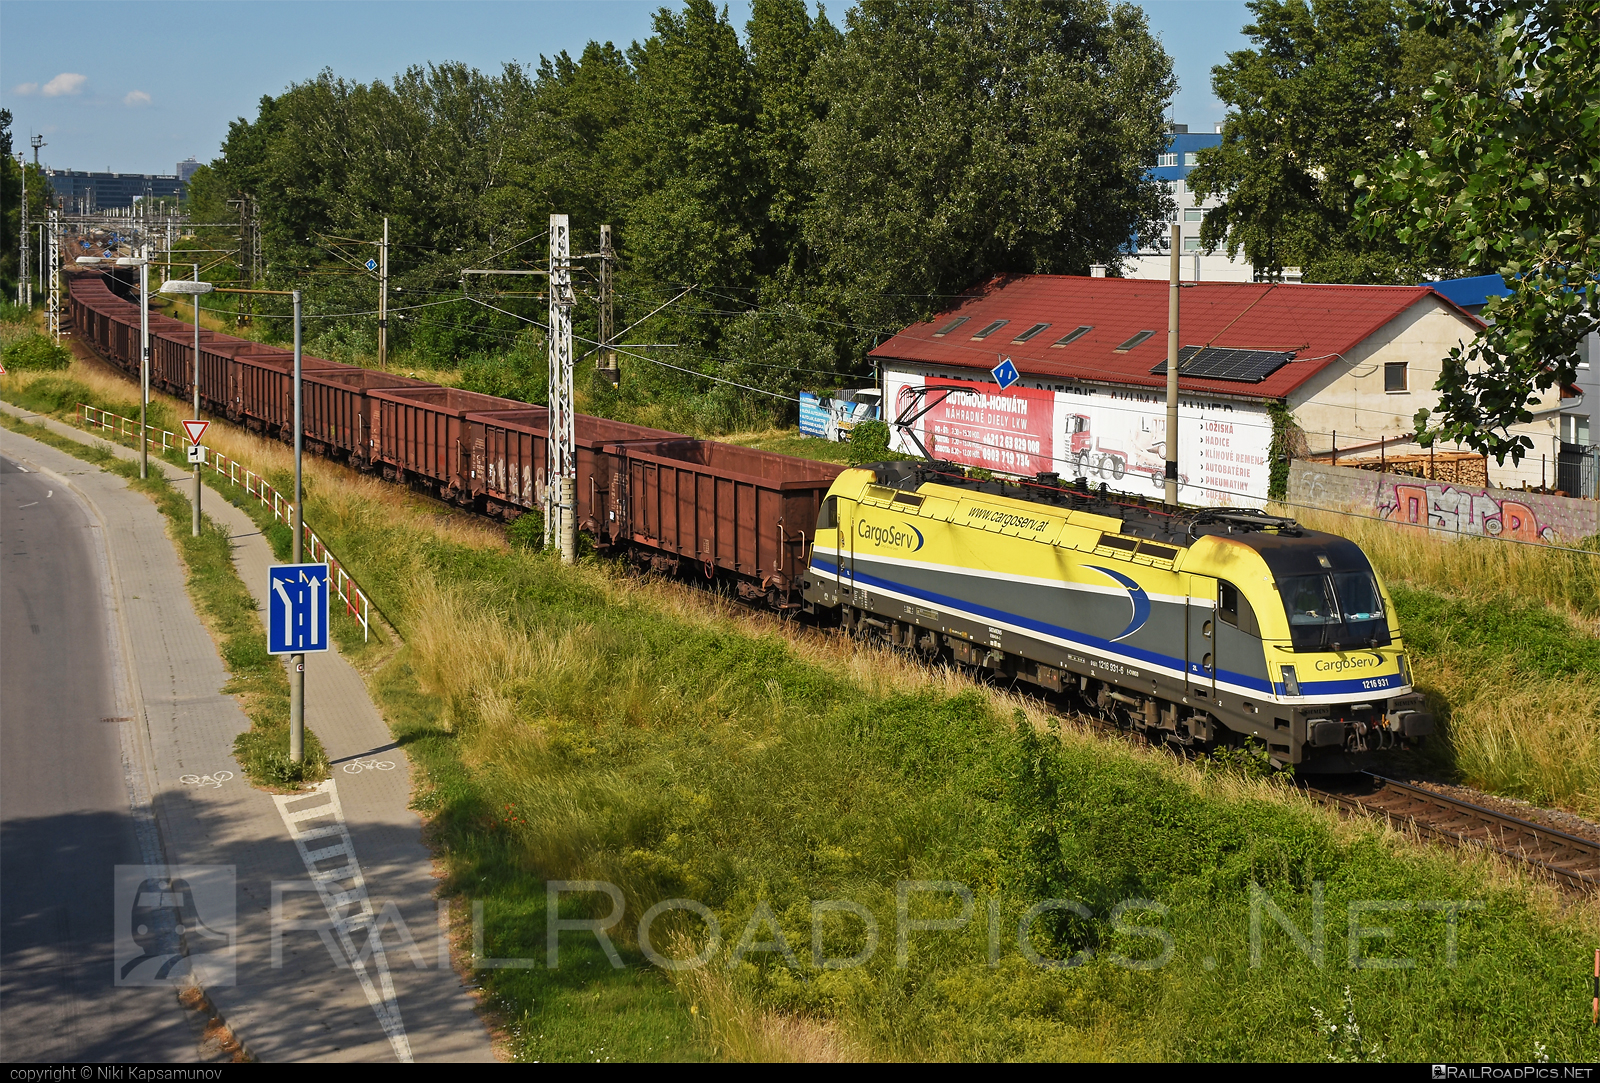 Siemens ES 64 U4 - 1216 931 operated by CargoServ GmbH #cargoserv #es64 #es64u #es64u4 #eurosprinter #siemens #siemenses64 #siemenses64u #siemenses64u4 #siemenstaurus #taurus #tauruslocomotive